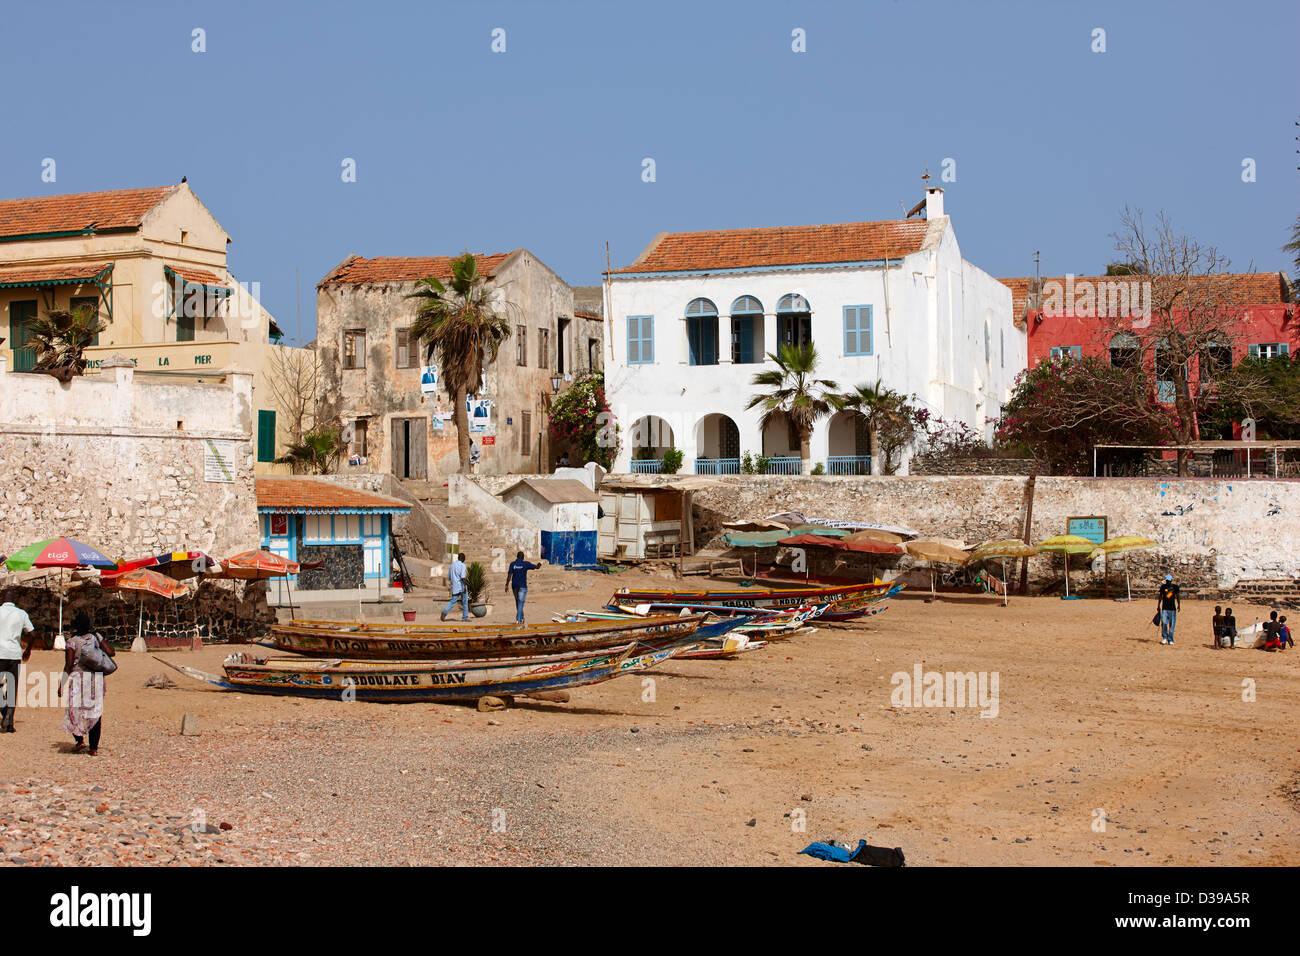 Île de Gorée, Senegal, África Imagen De Stock